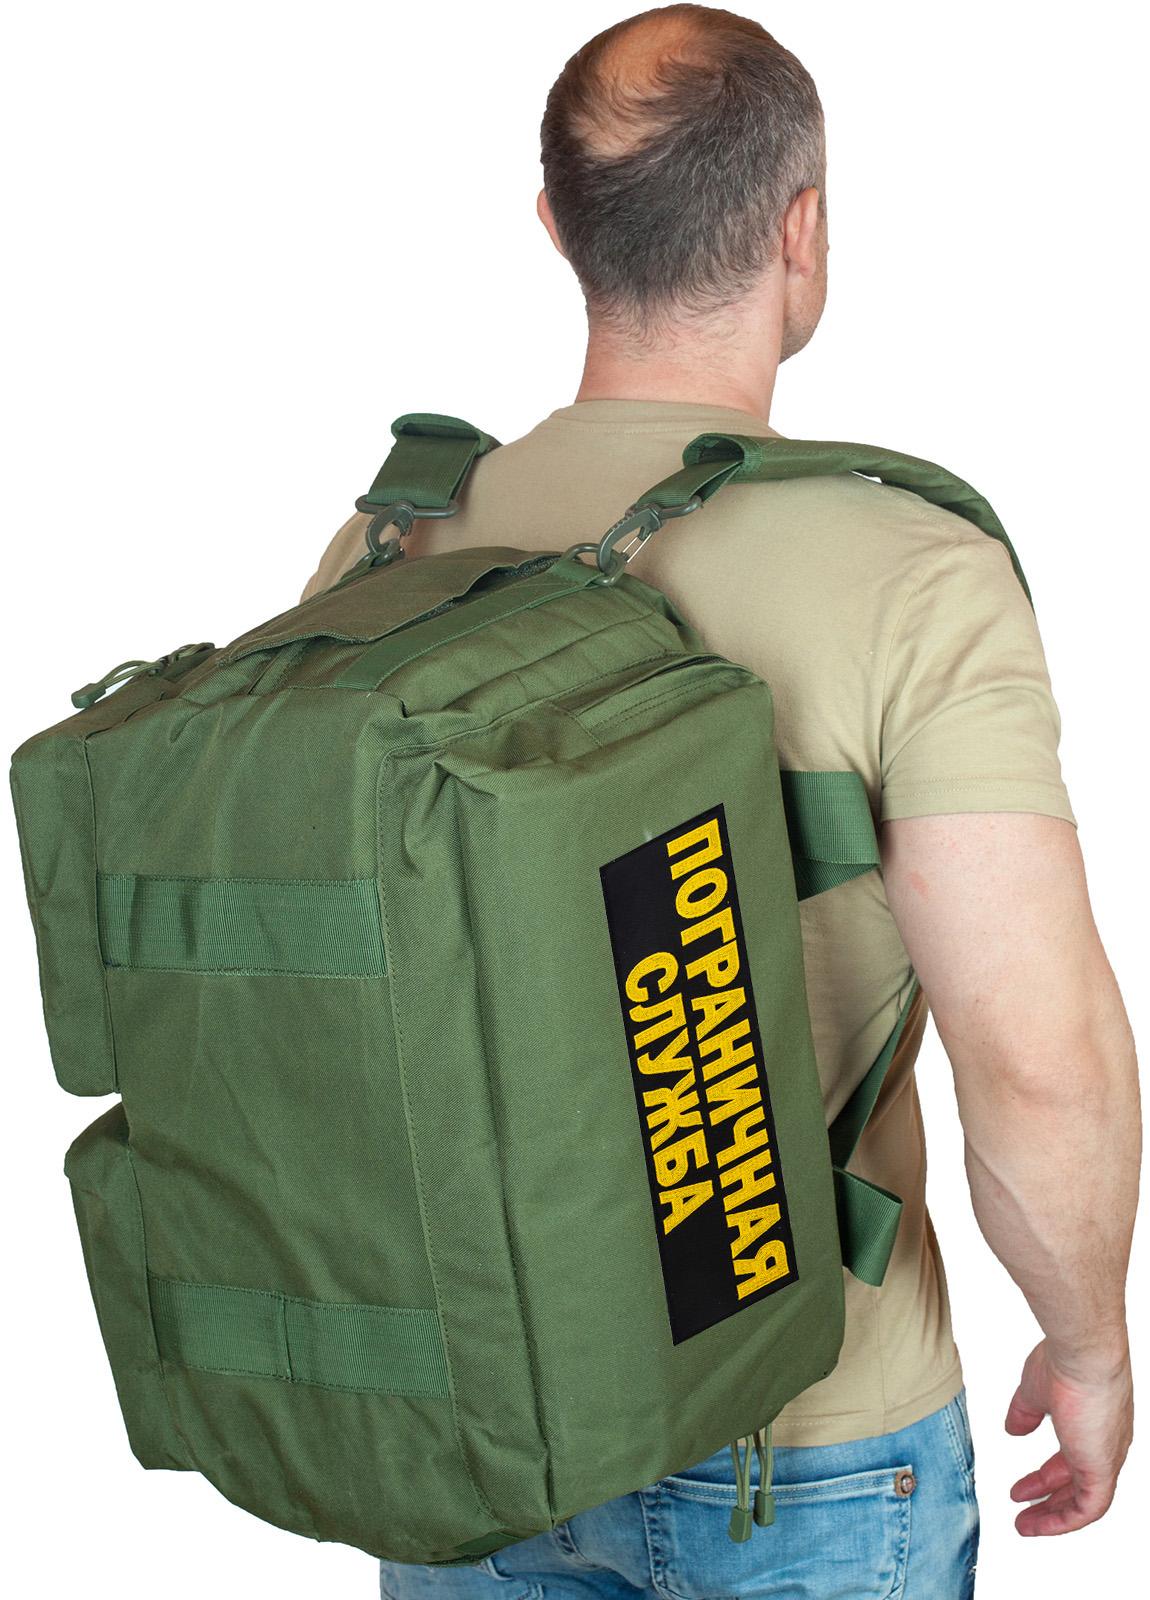 Купить заплечную тактическую сумку-рюкзак Пограничная Служба по выгодной цене